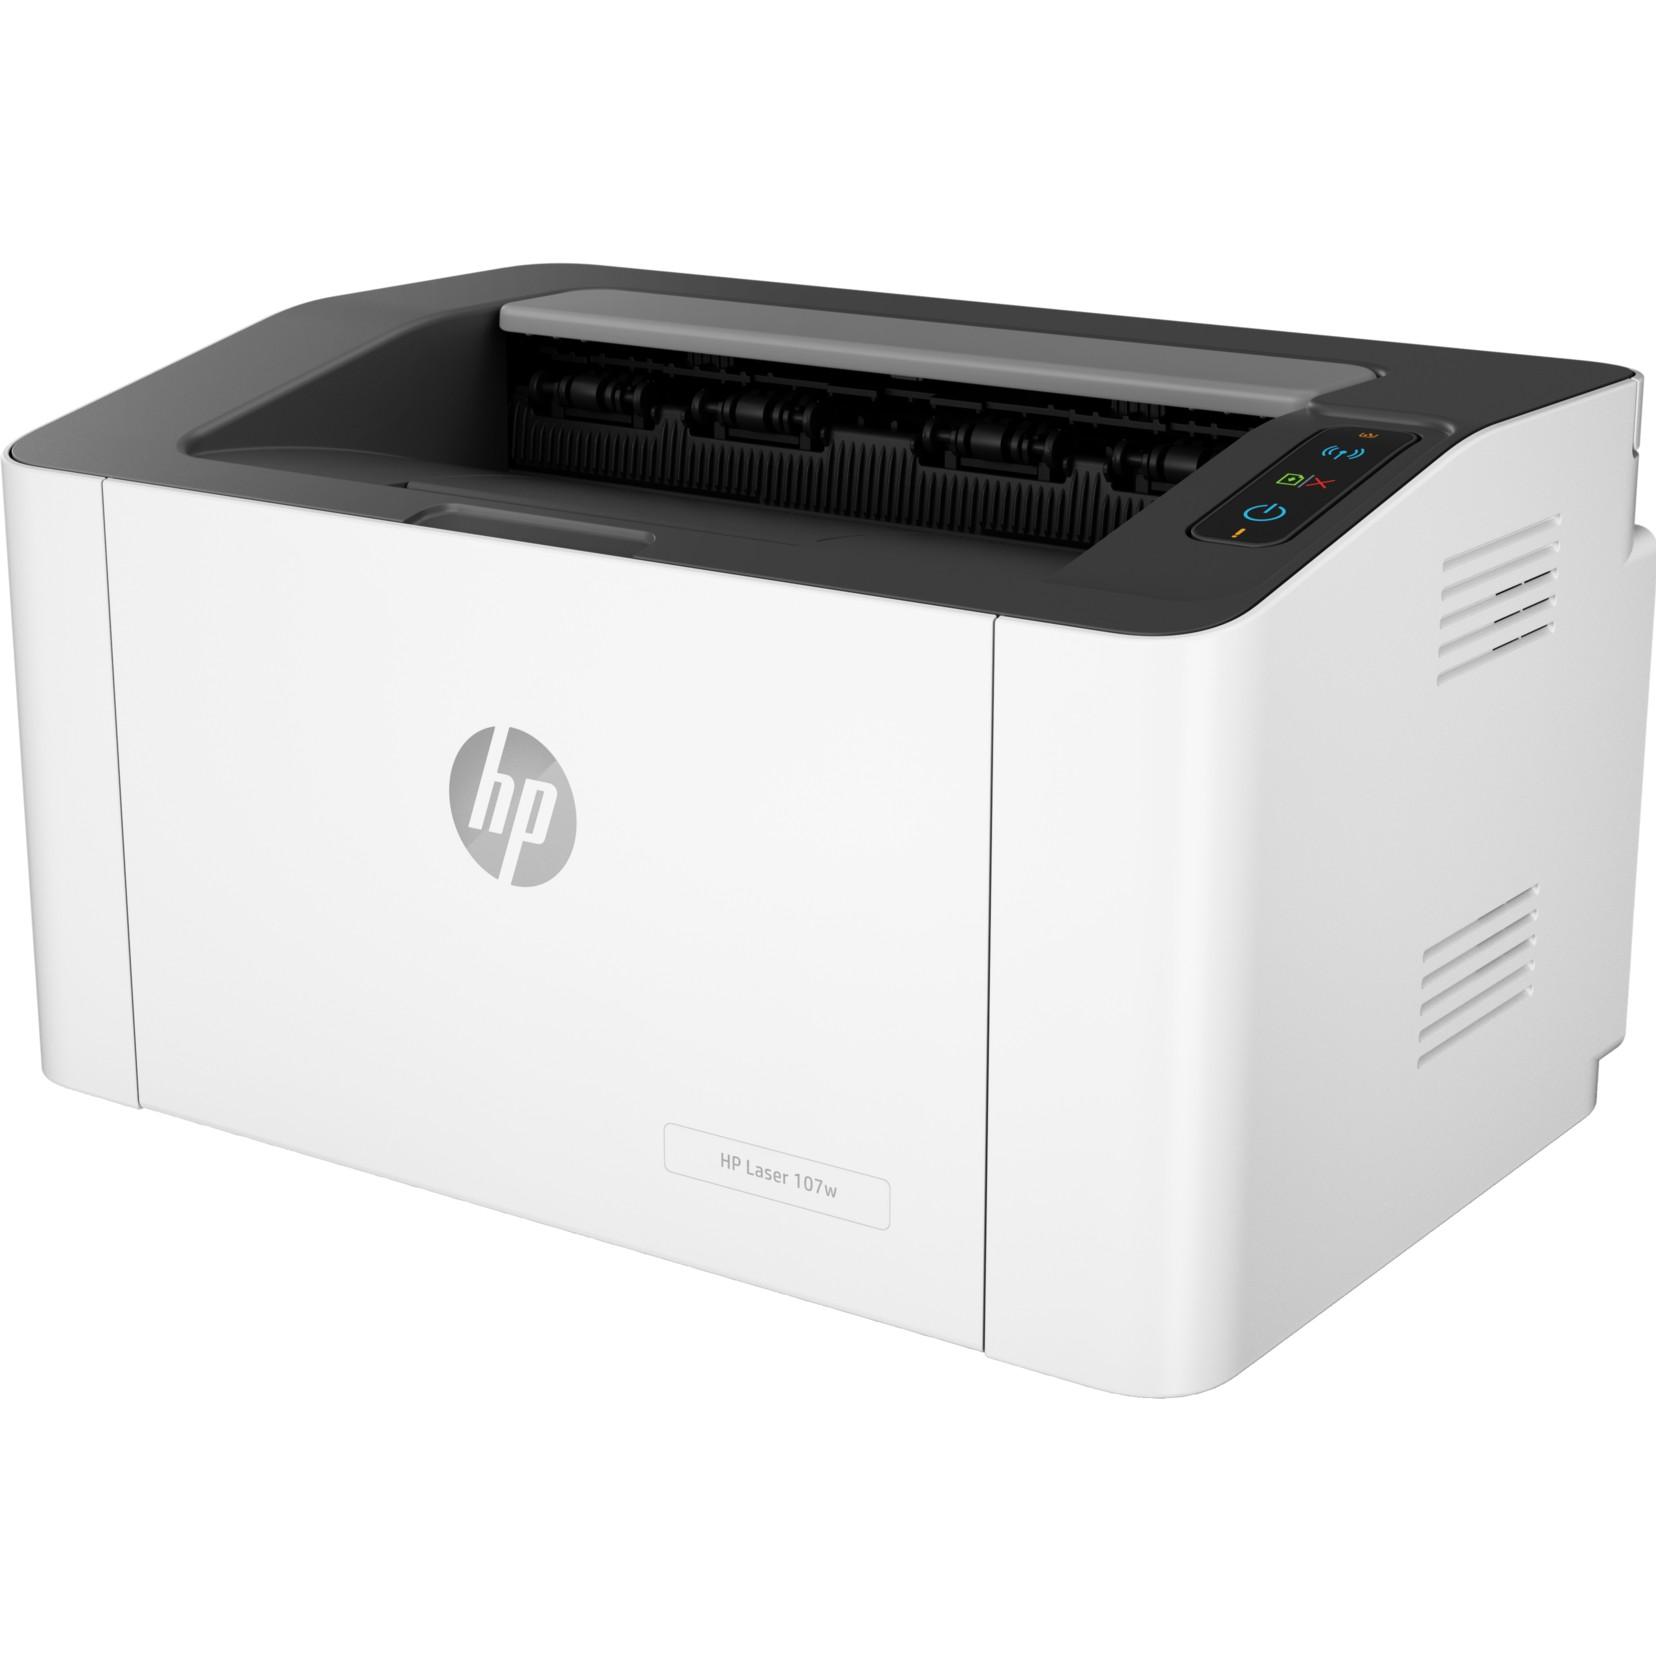 Фото - Принтер HP LaserJet 107w 4ZB78A автор не указан fantasieen auf einer reise durch gegenden des friedens